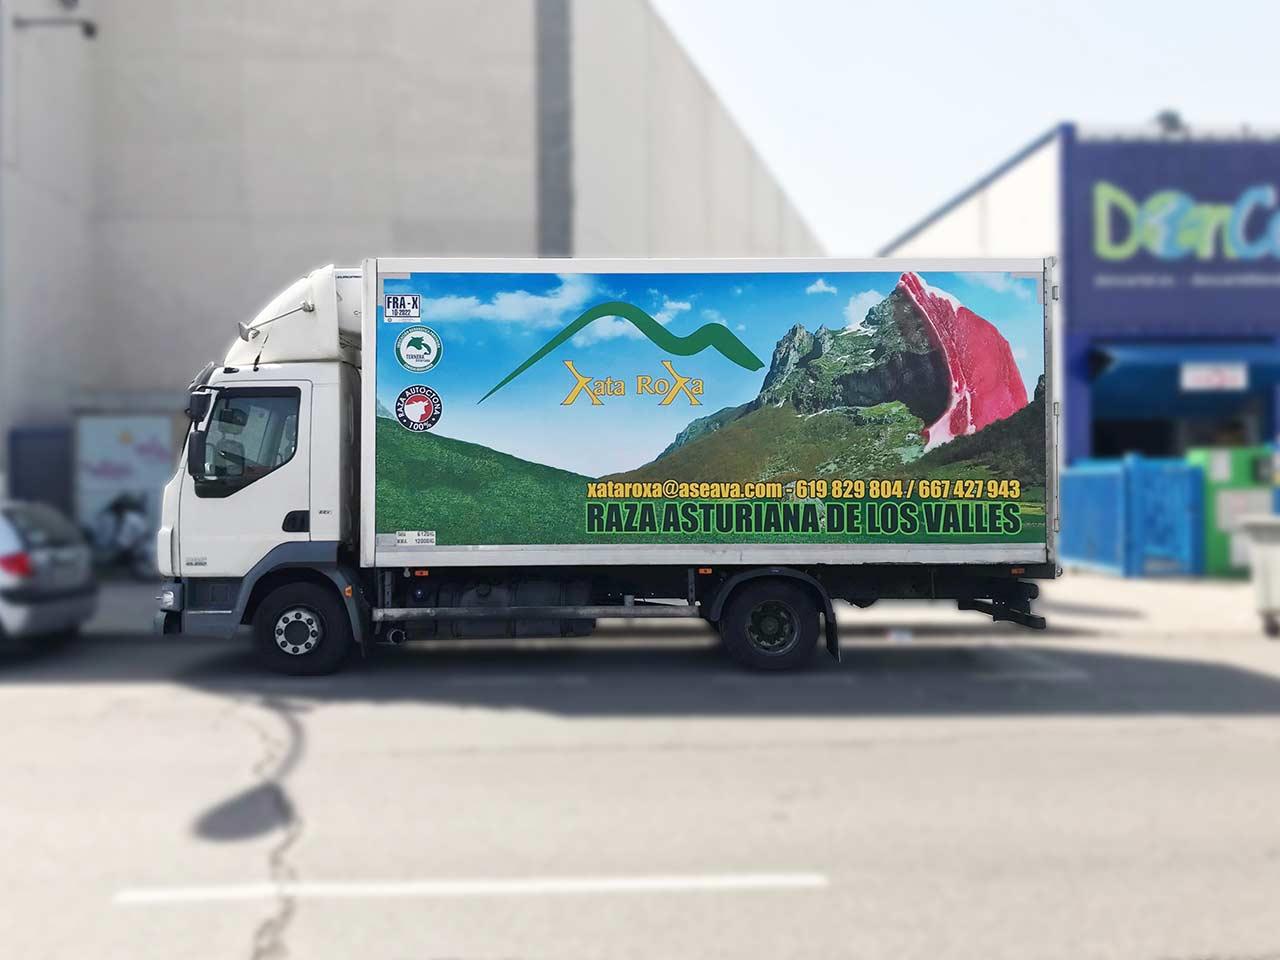 Rotular camión en vallecas